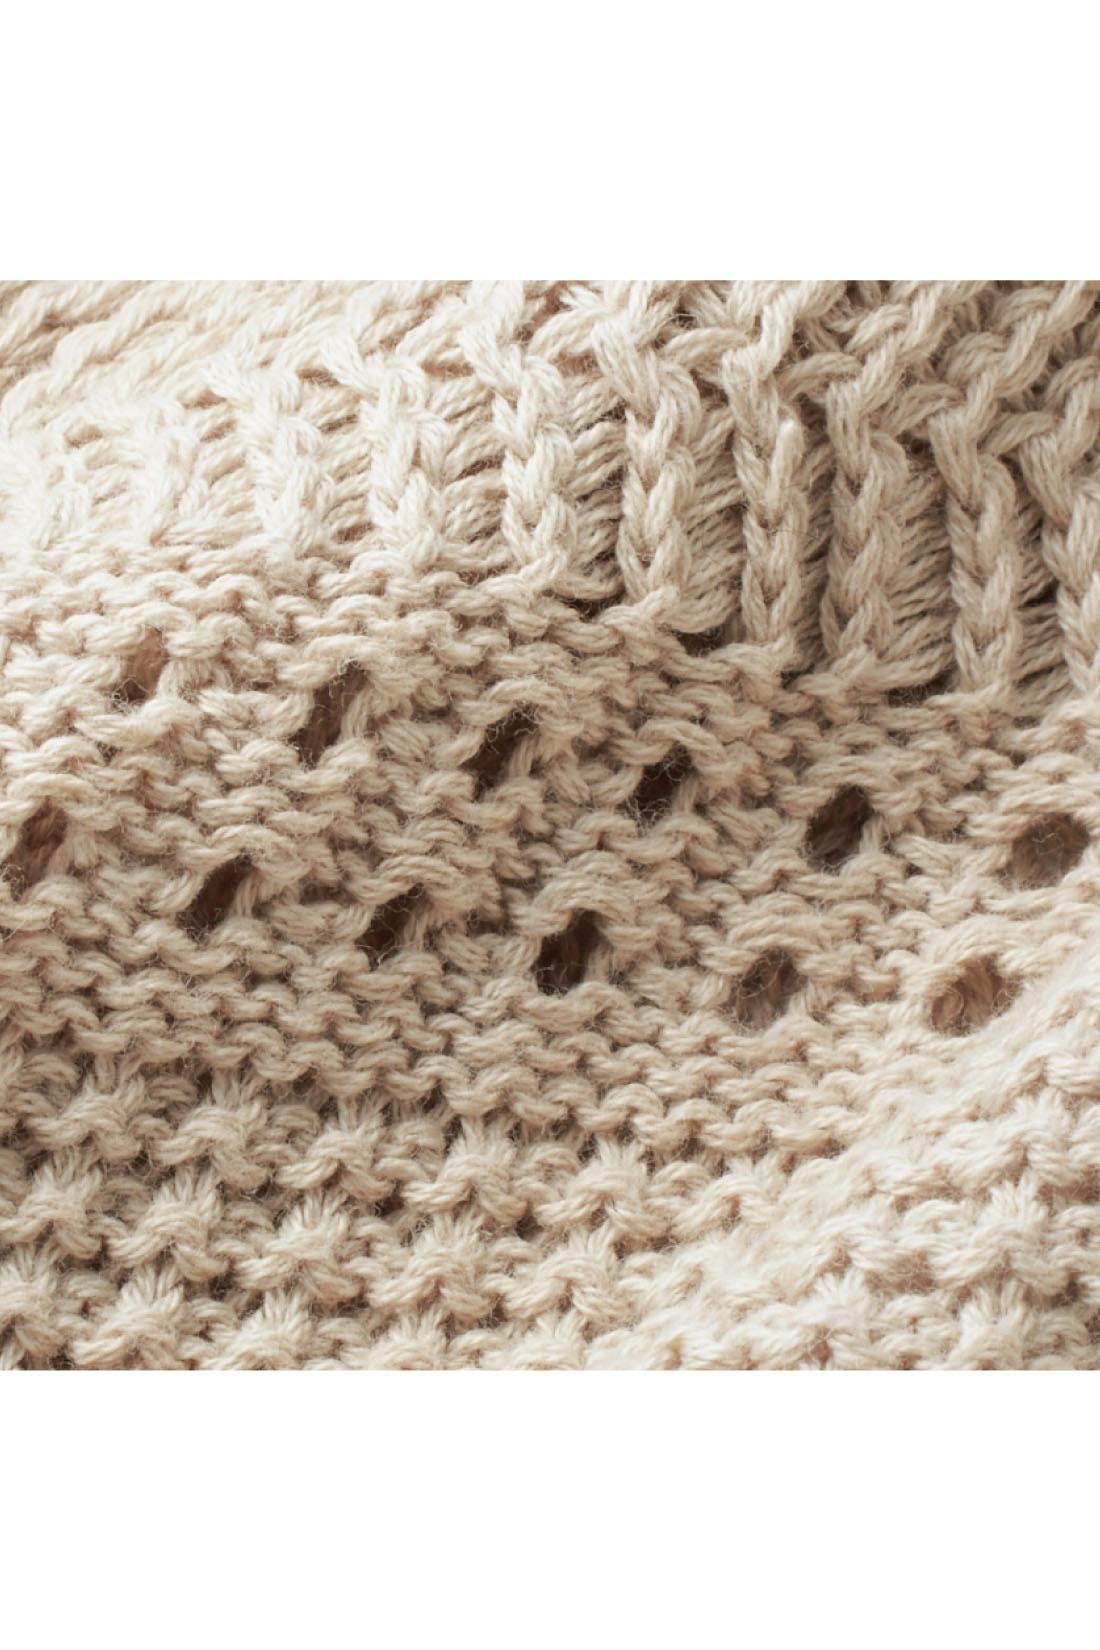 繊細なボーダー風の透かし編みが華やか。身ごろの透け感は控えめなので、インはタンクトップ一枚でも安心です。